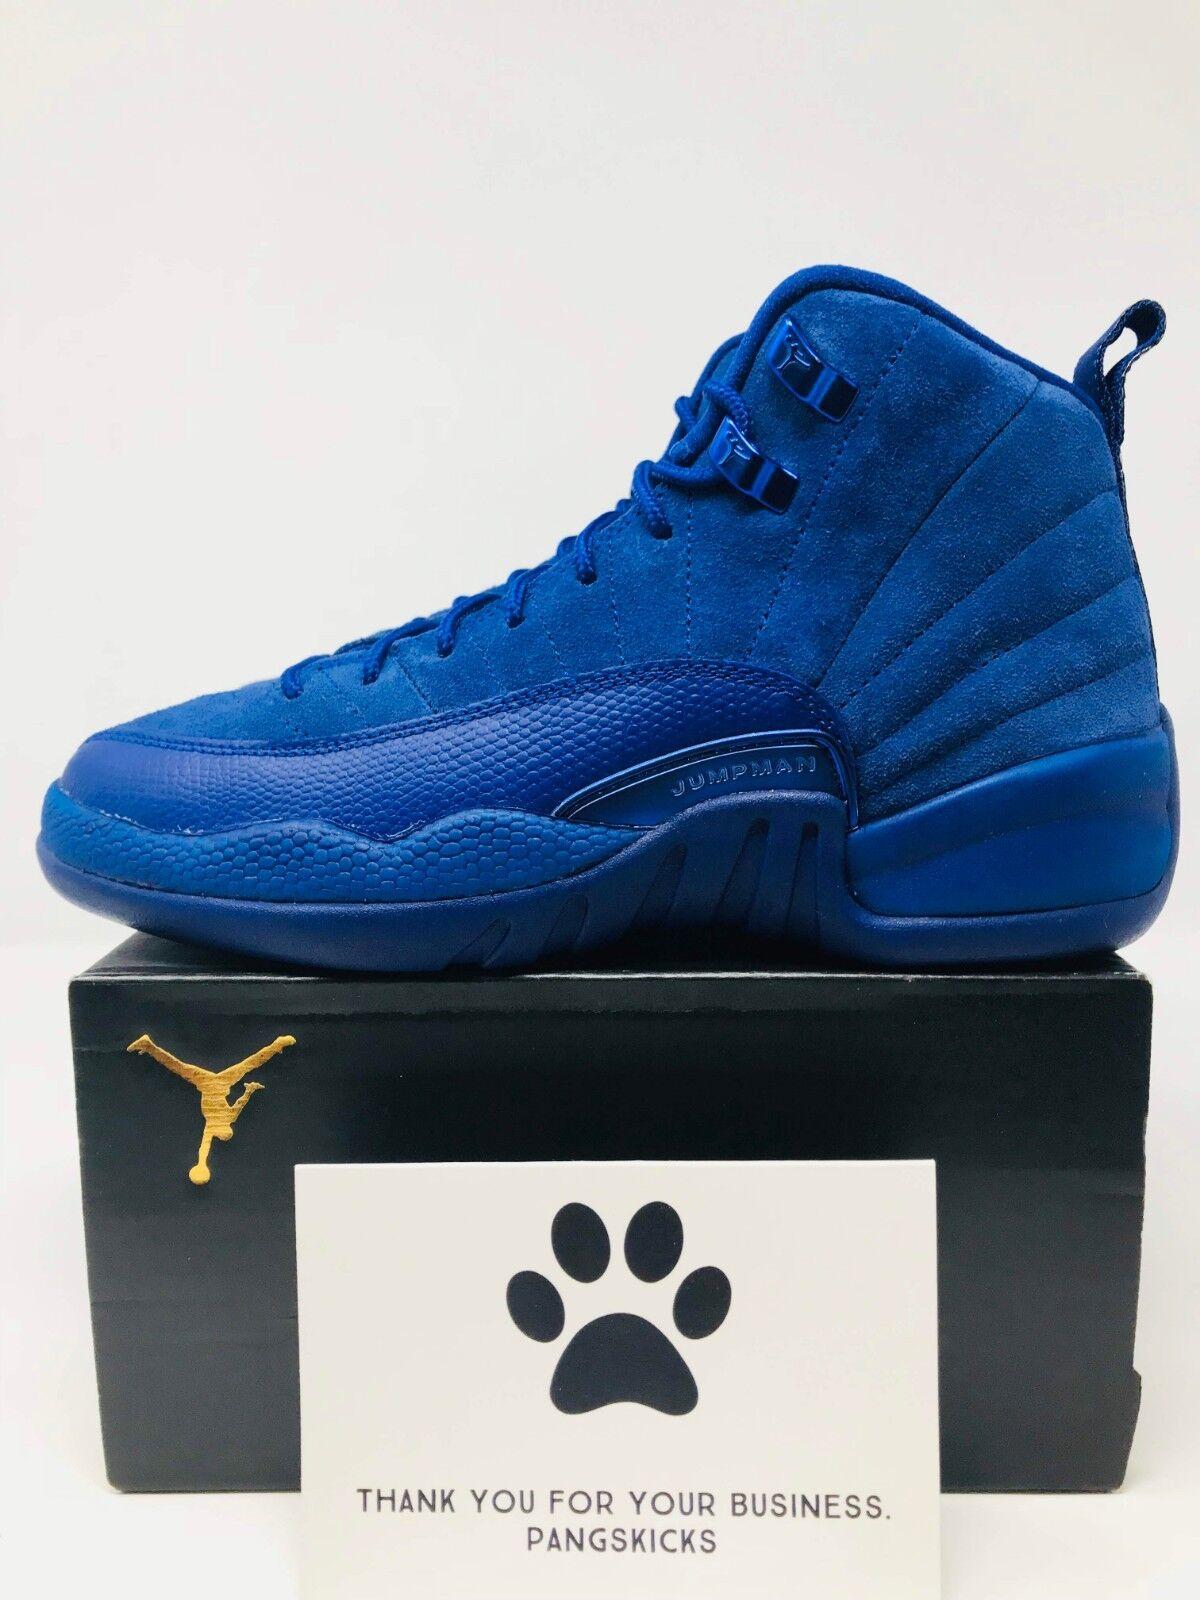 f0c6df0e Nike Air Jordan 12 XII Retro BG Deep Royal Blue Suede153265 400 Size 5.5y